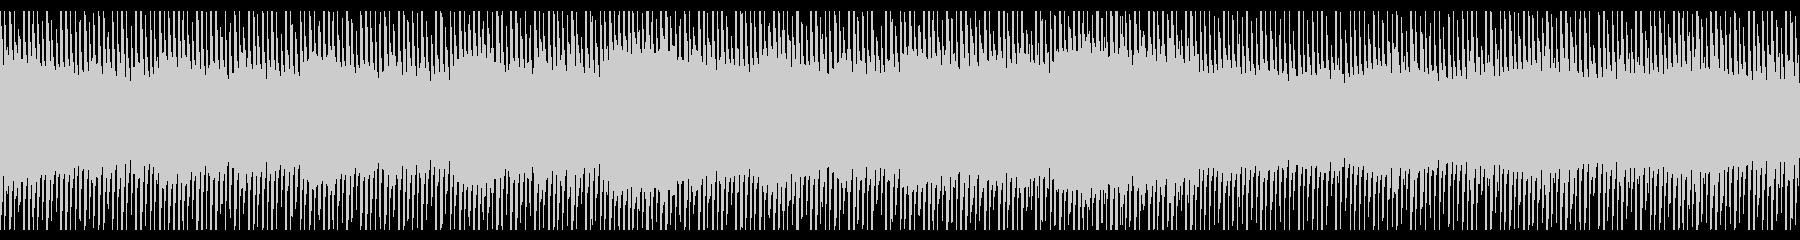 1分30秒のループ音源の未再生の波形